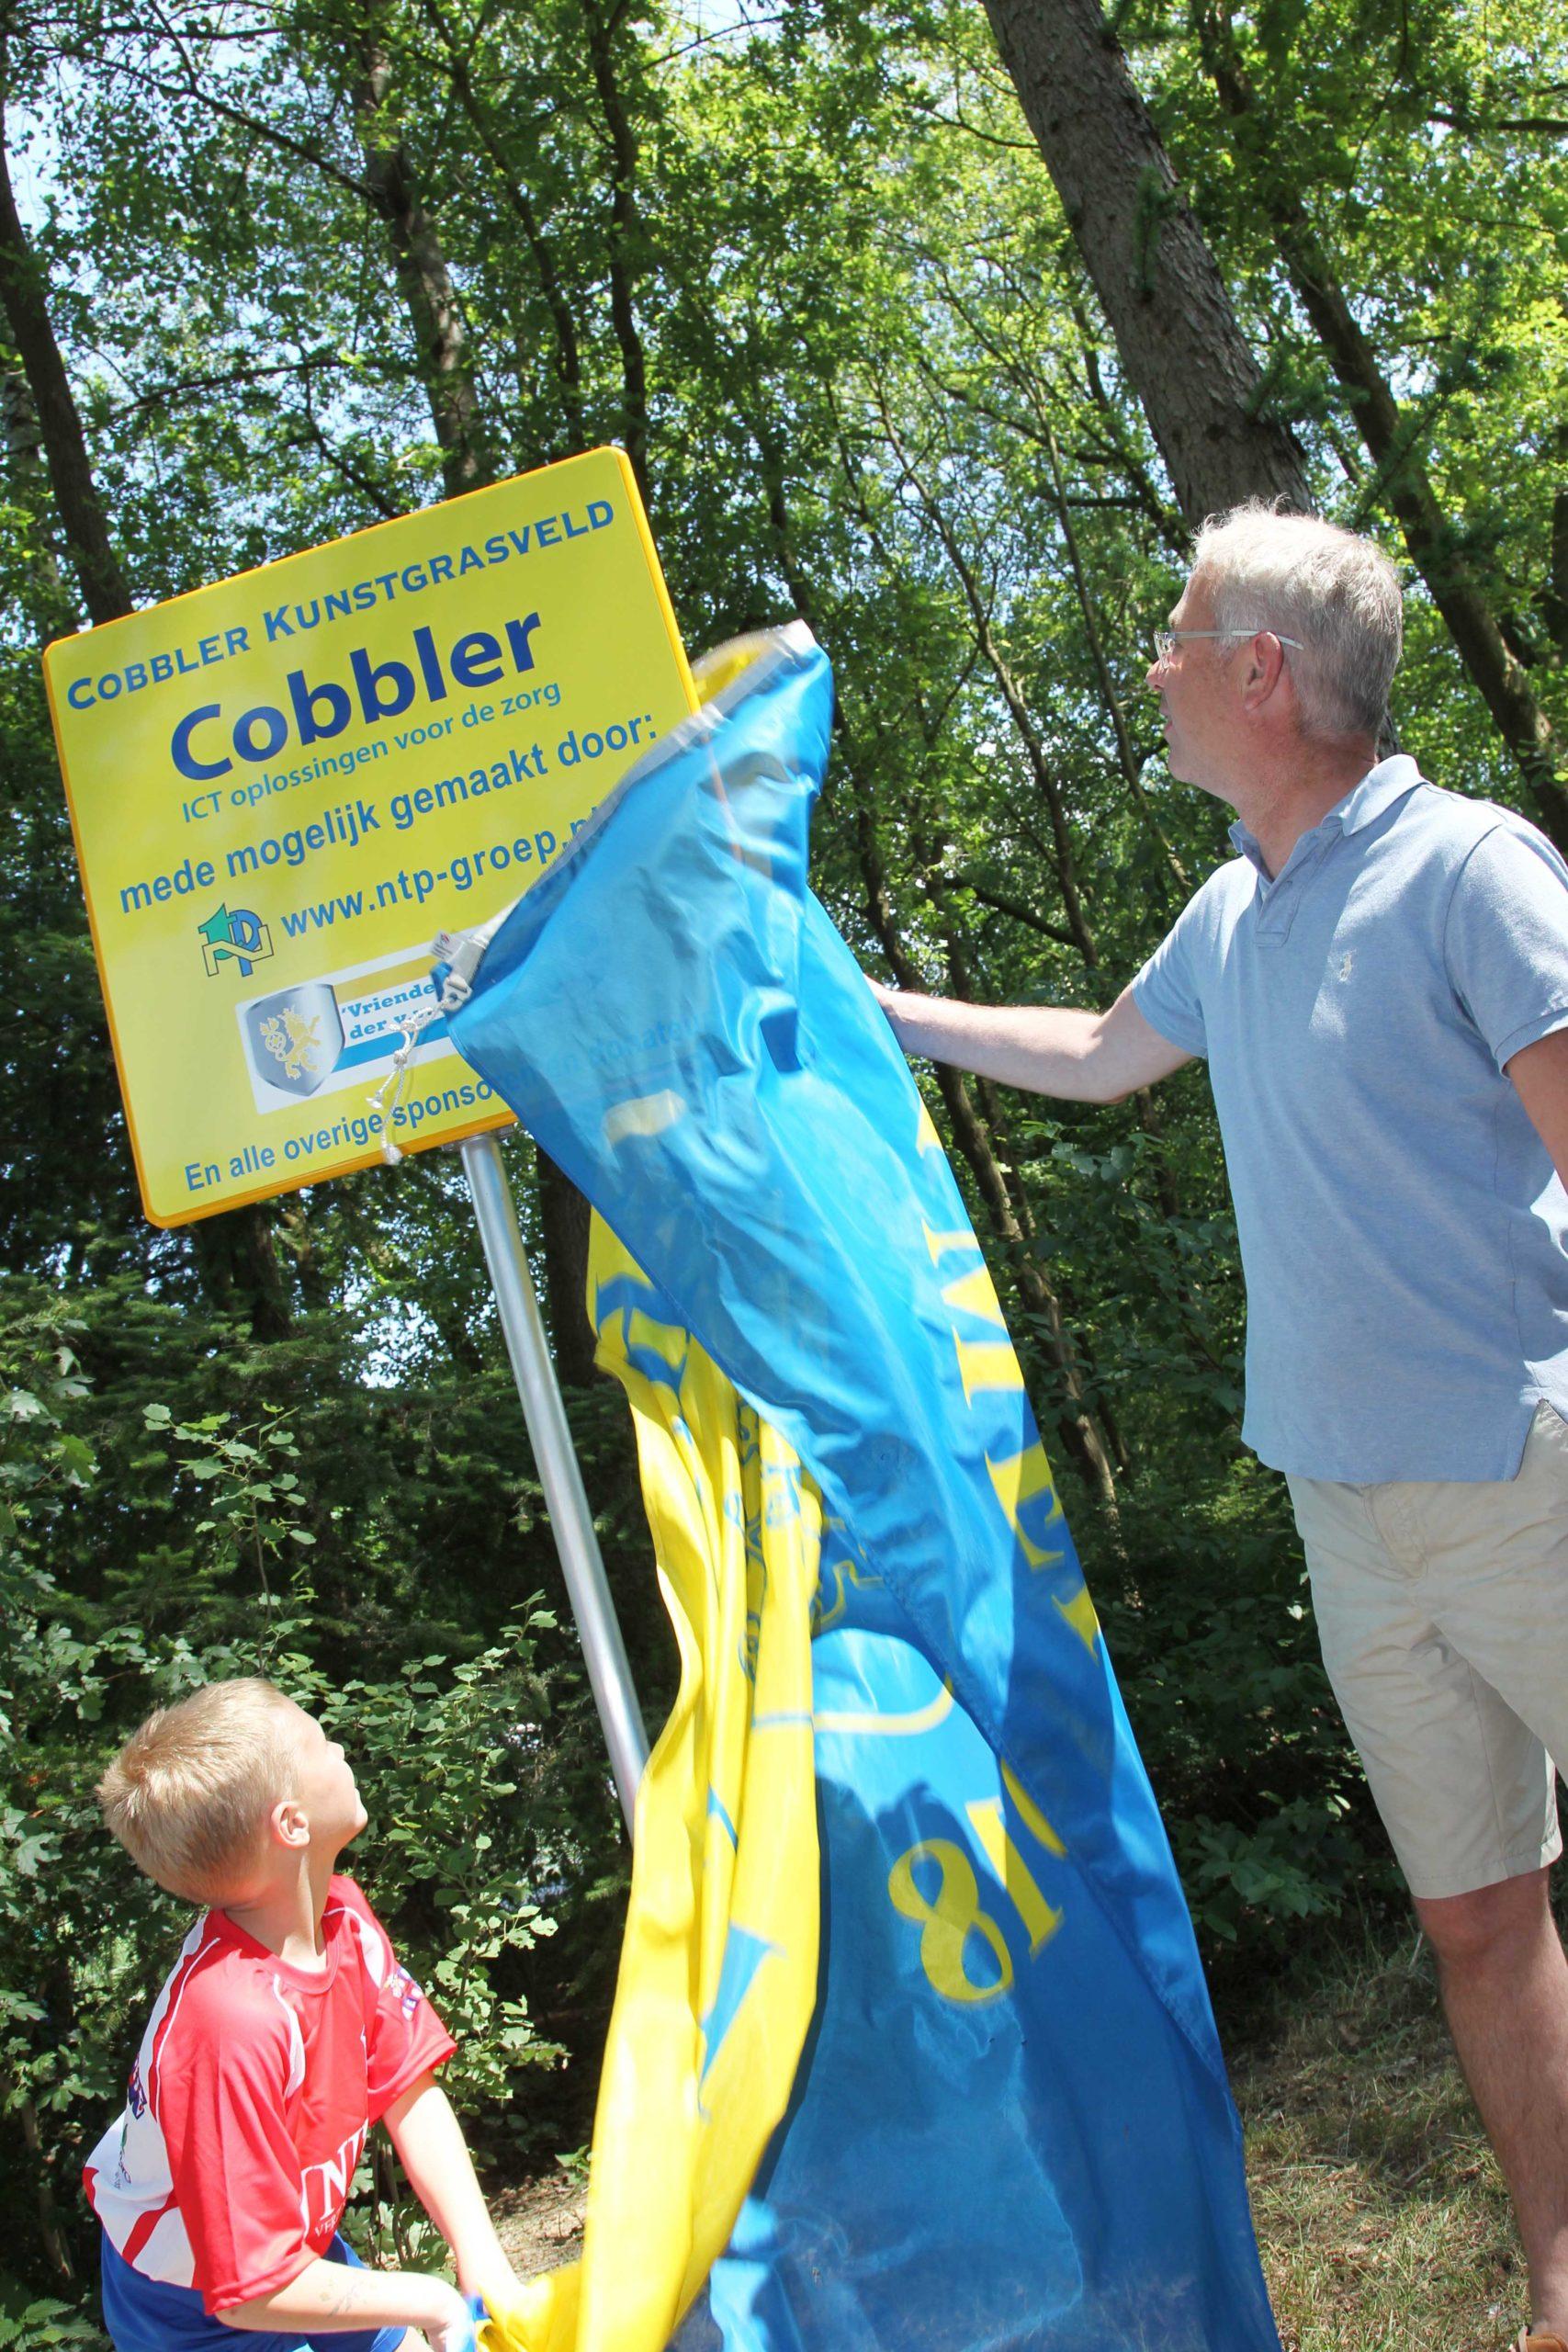 Opening Cobbler kunstgrasveld